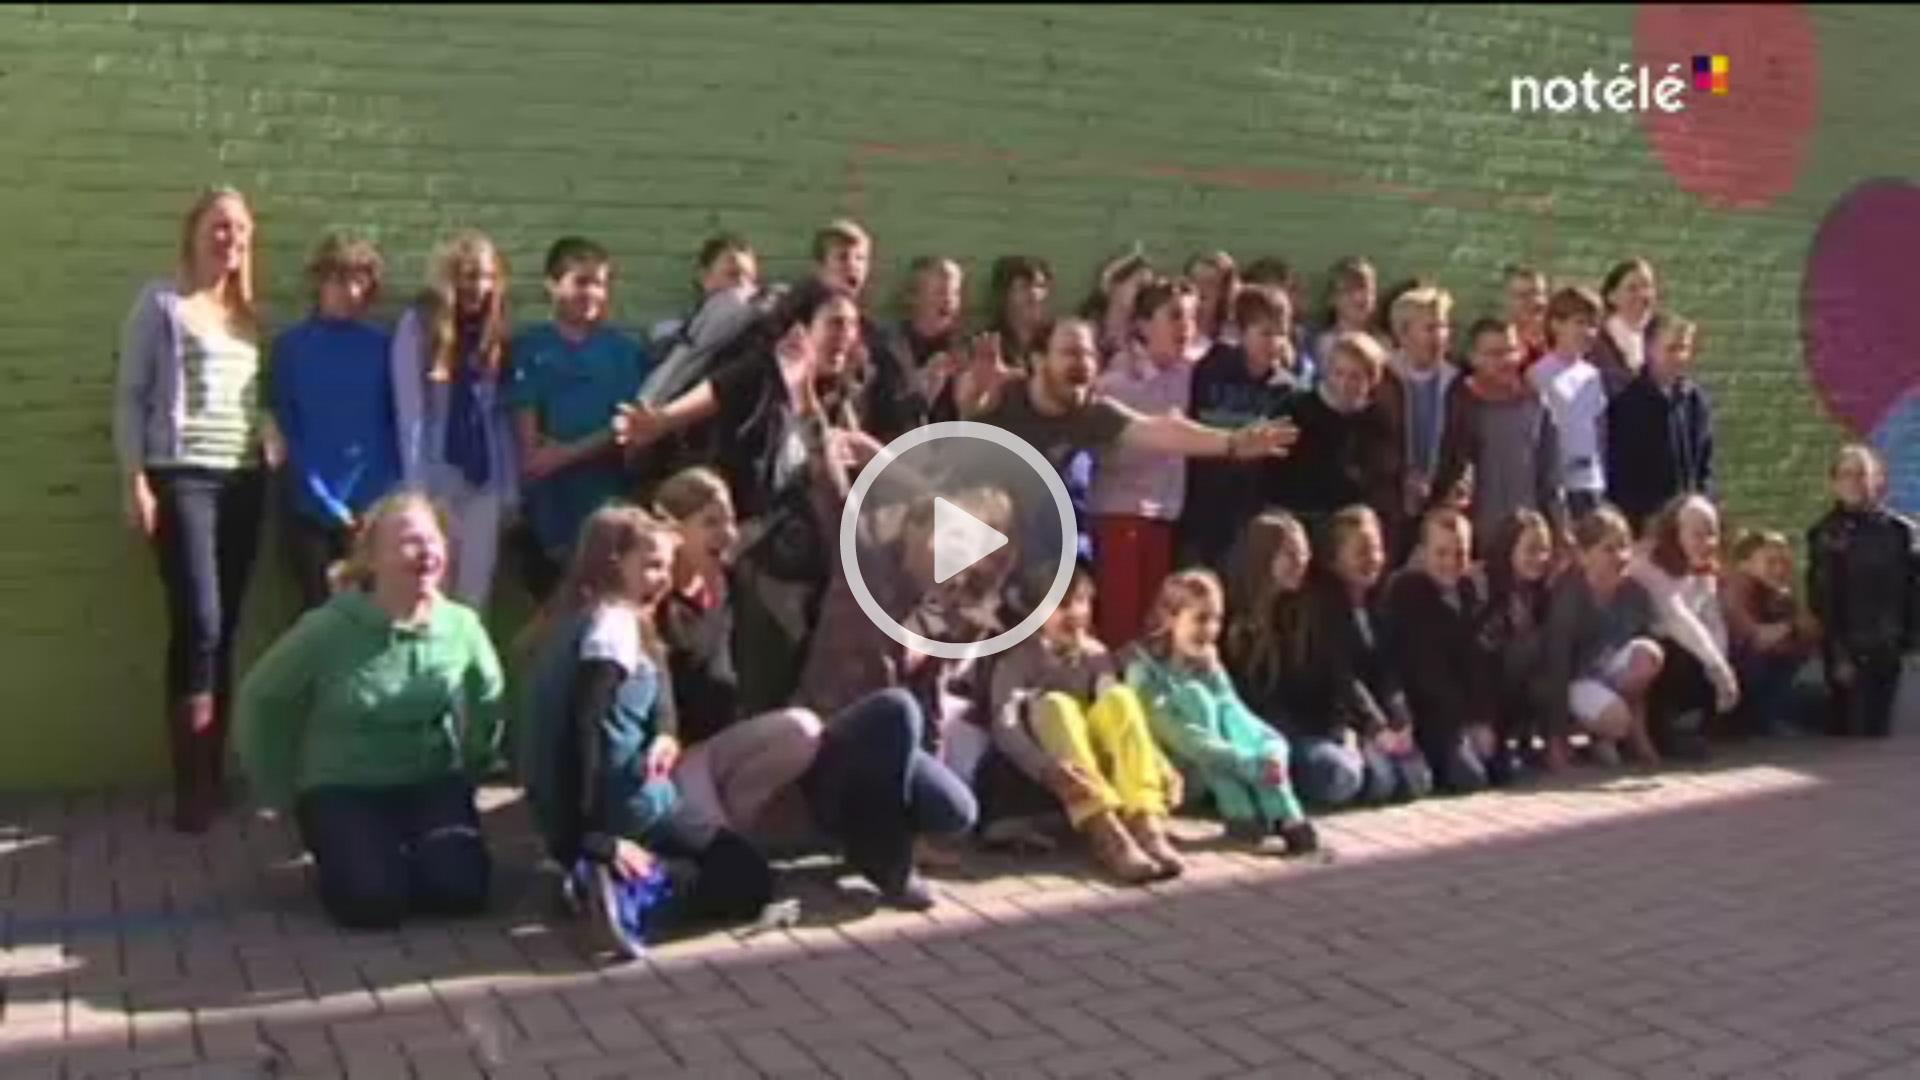 reportage de No télé à l'école communale d'Escanaffles